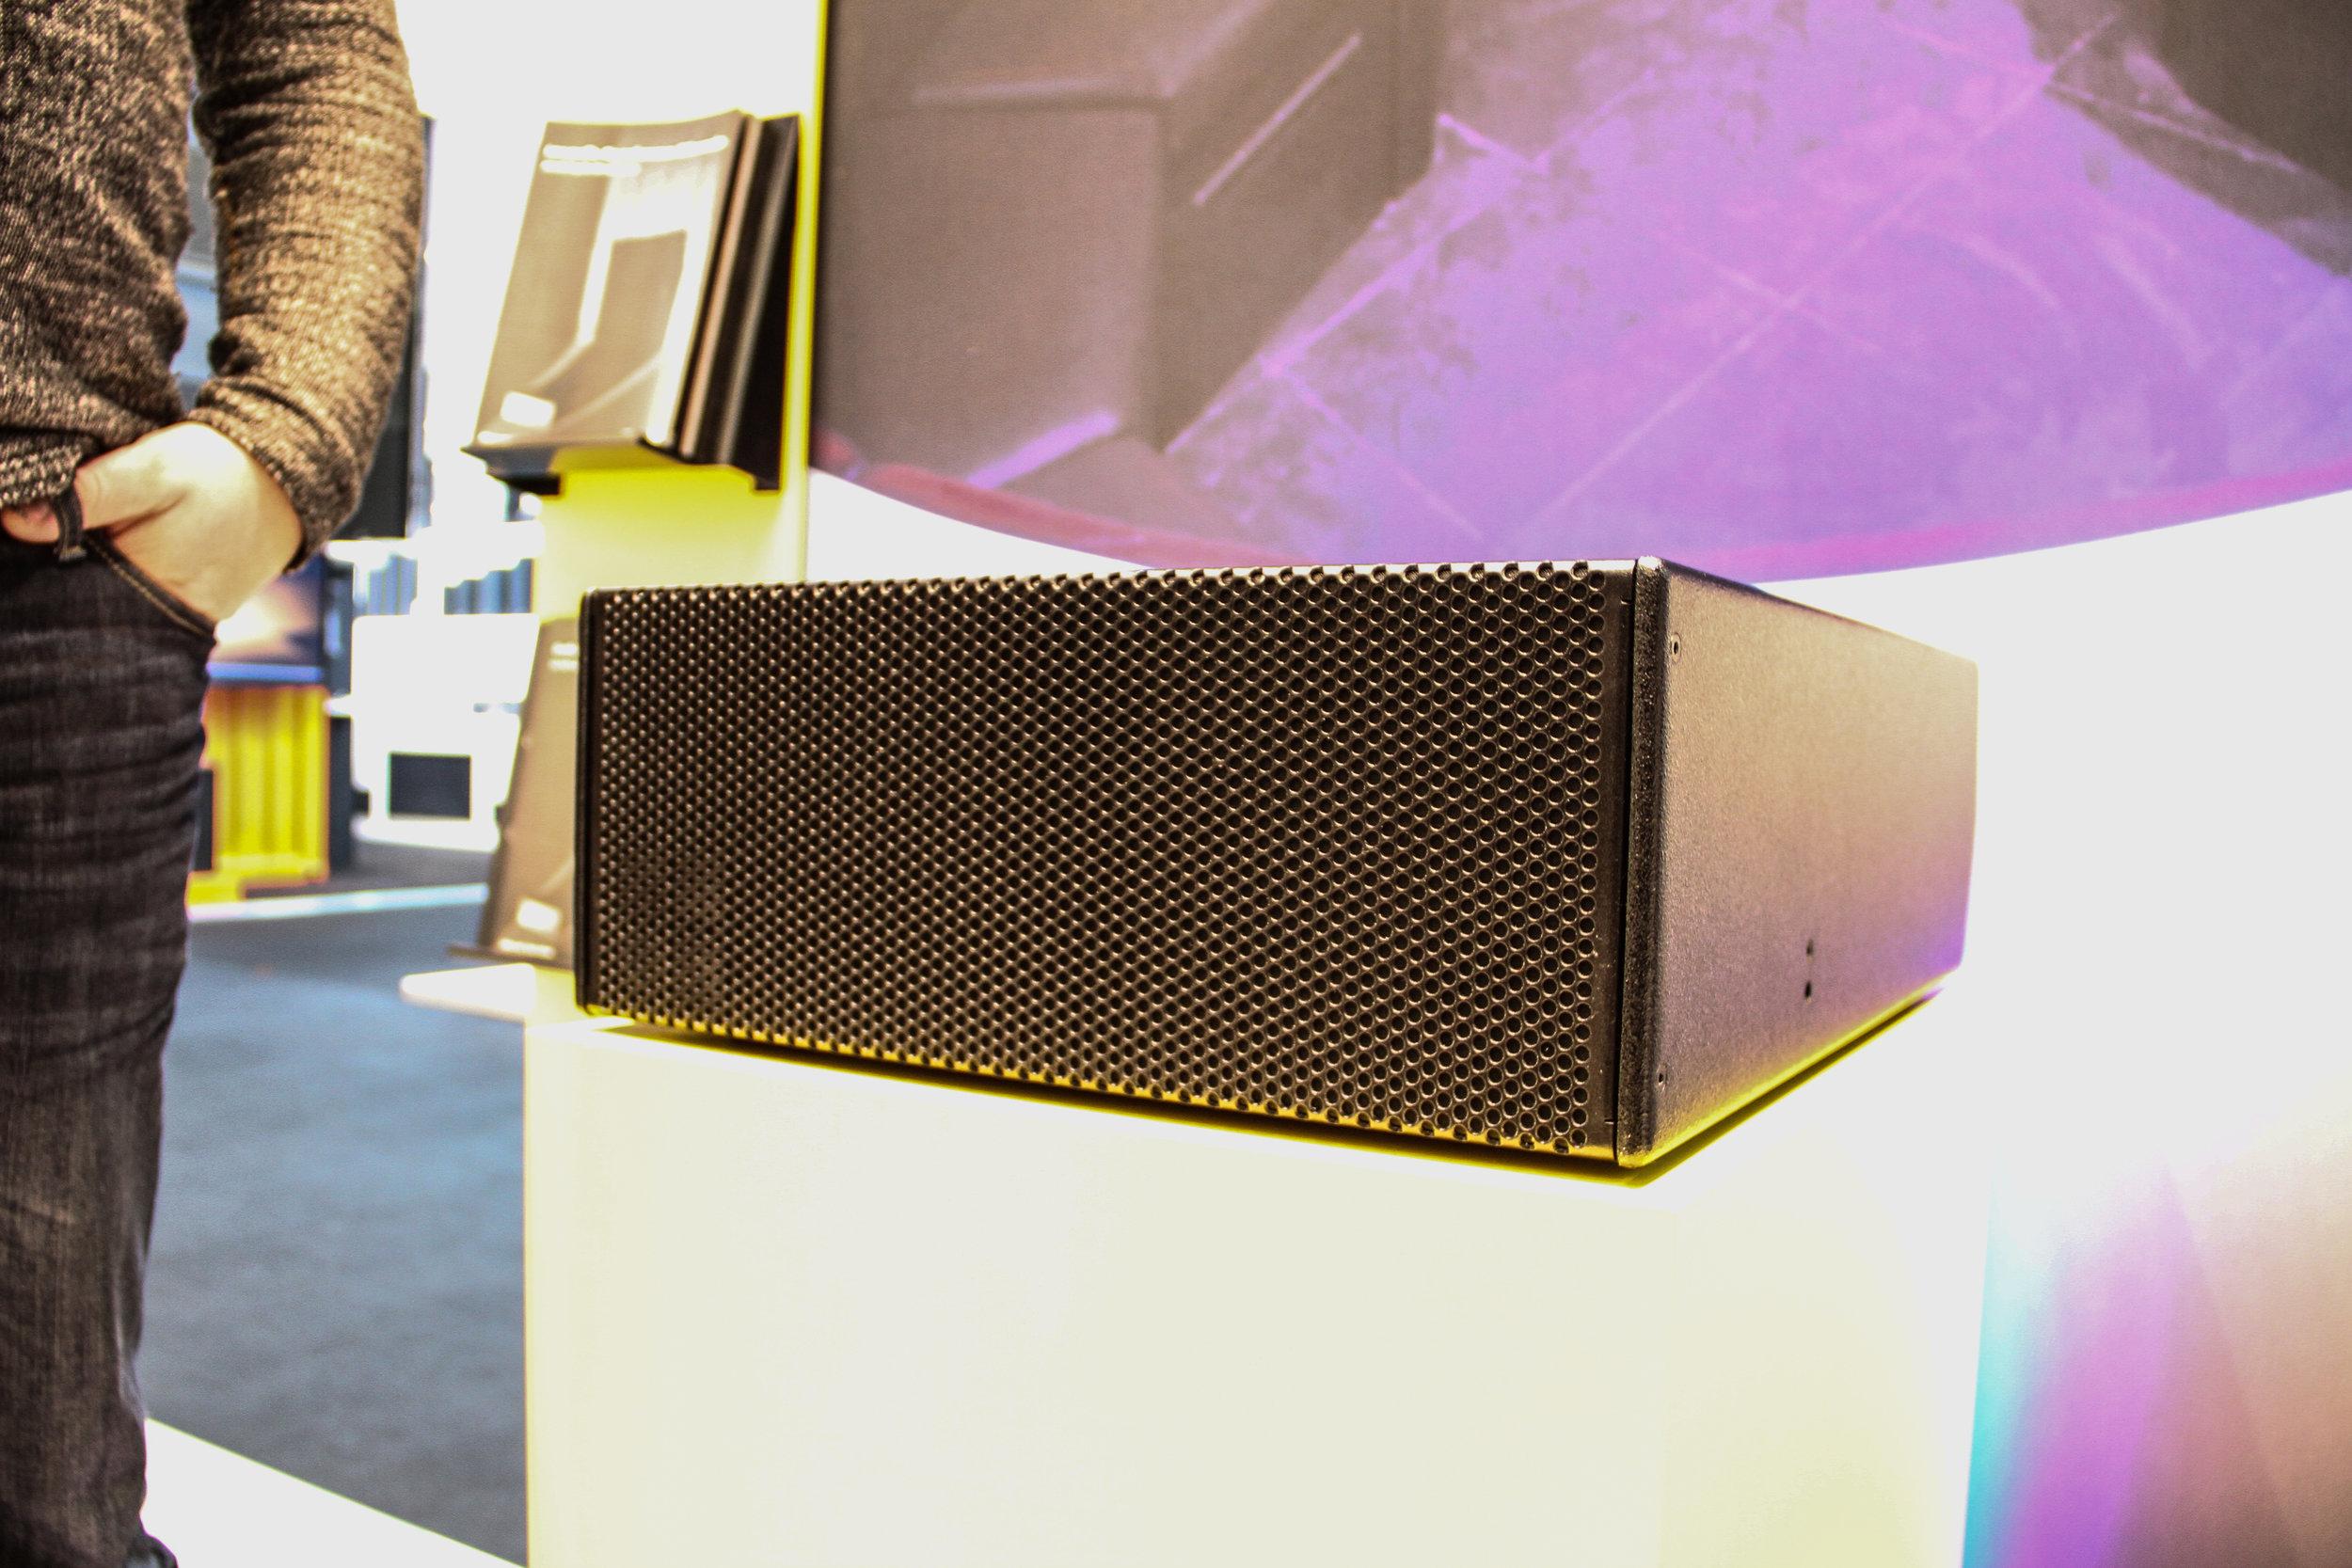 Tyska d&b audiotechnik debuterade en ny subbas under namnet B8-SUB.